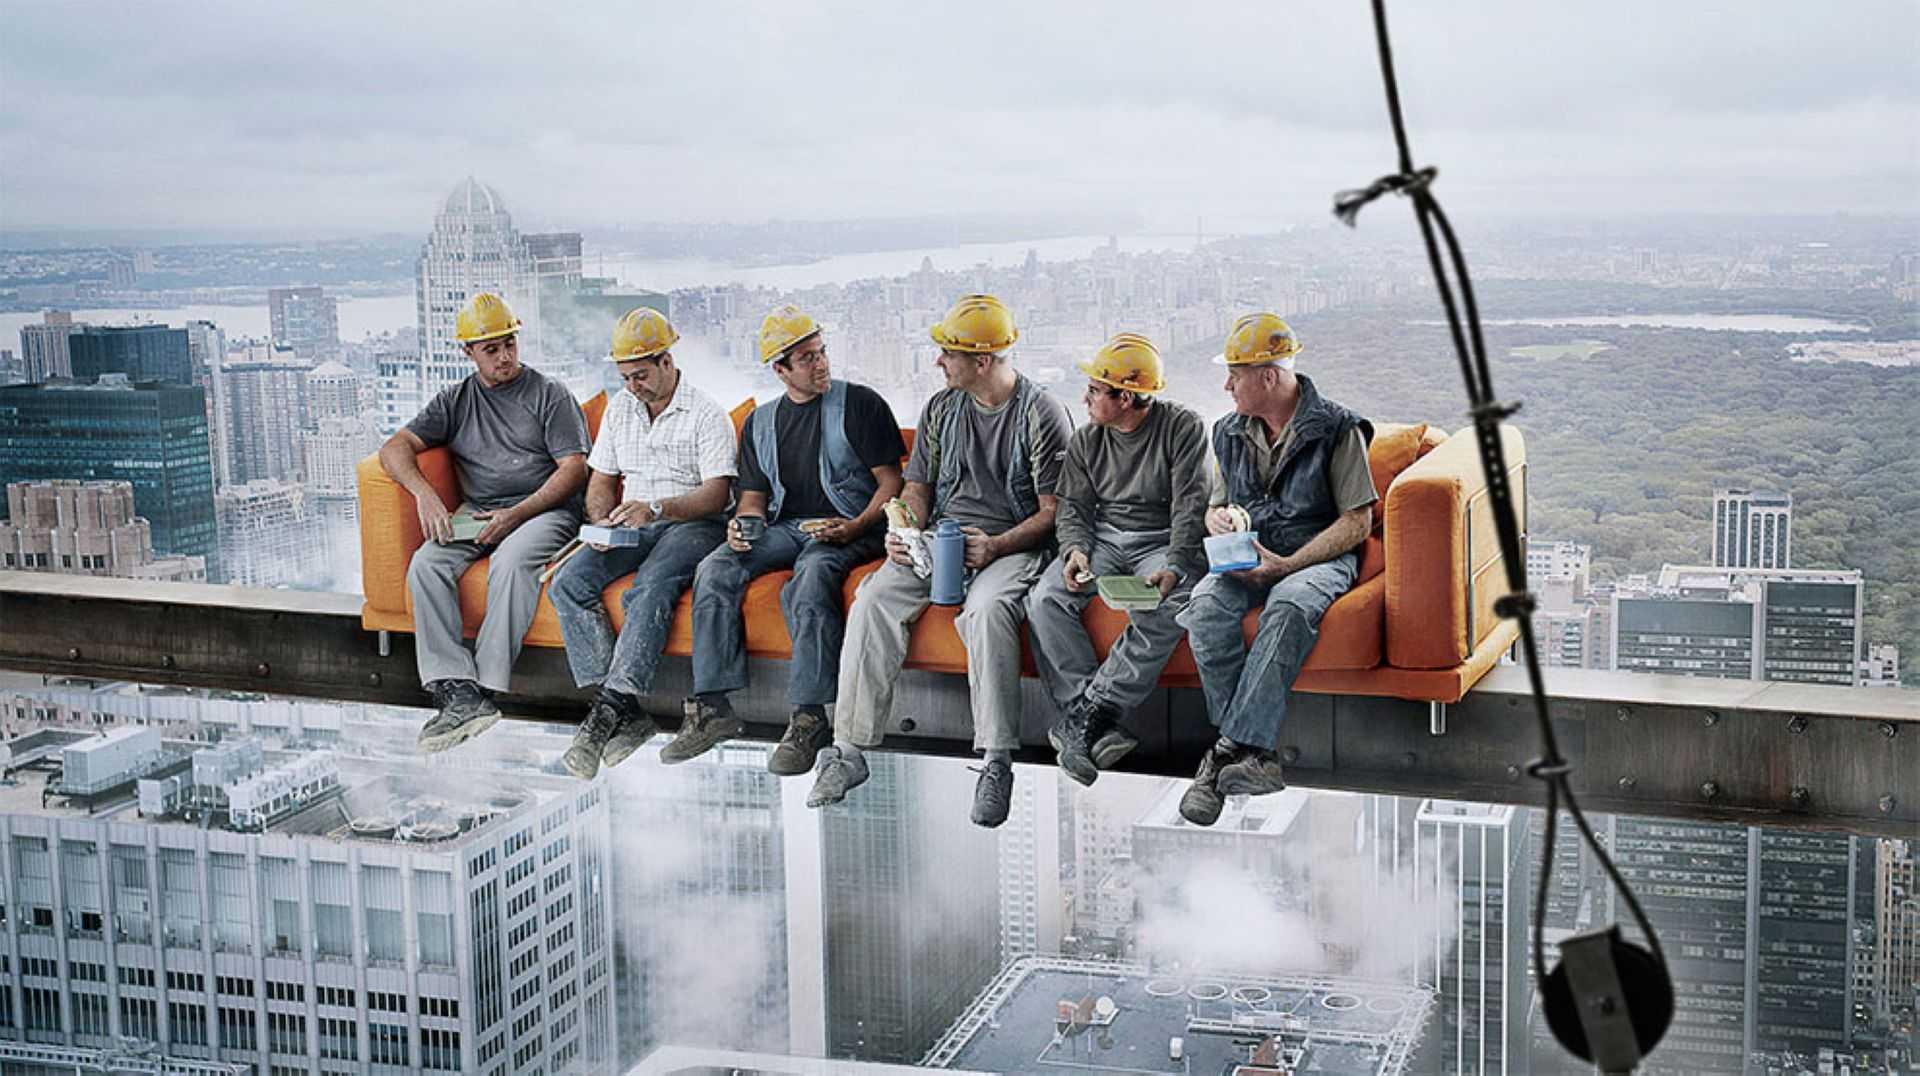 Прикольные фото про строительство